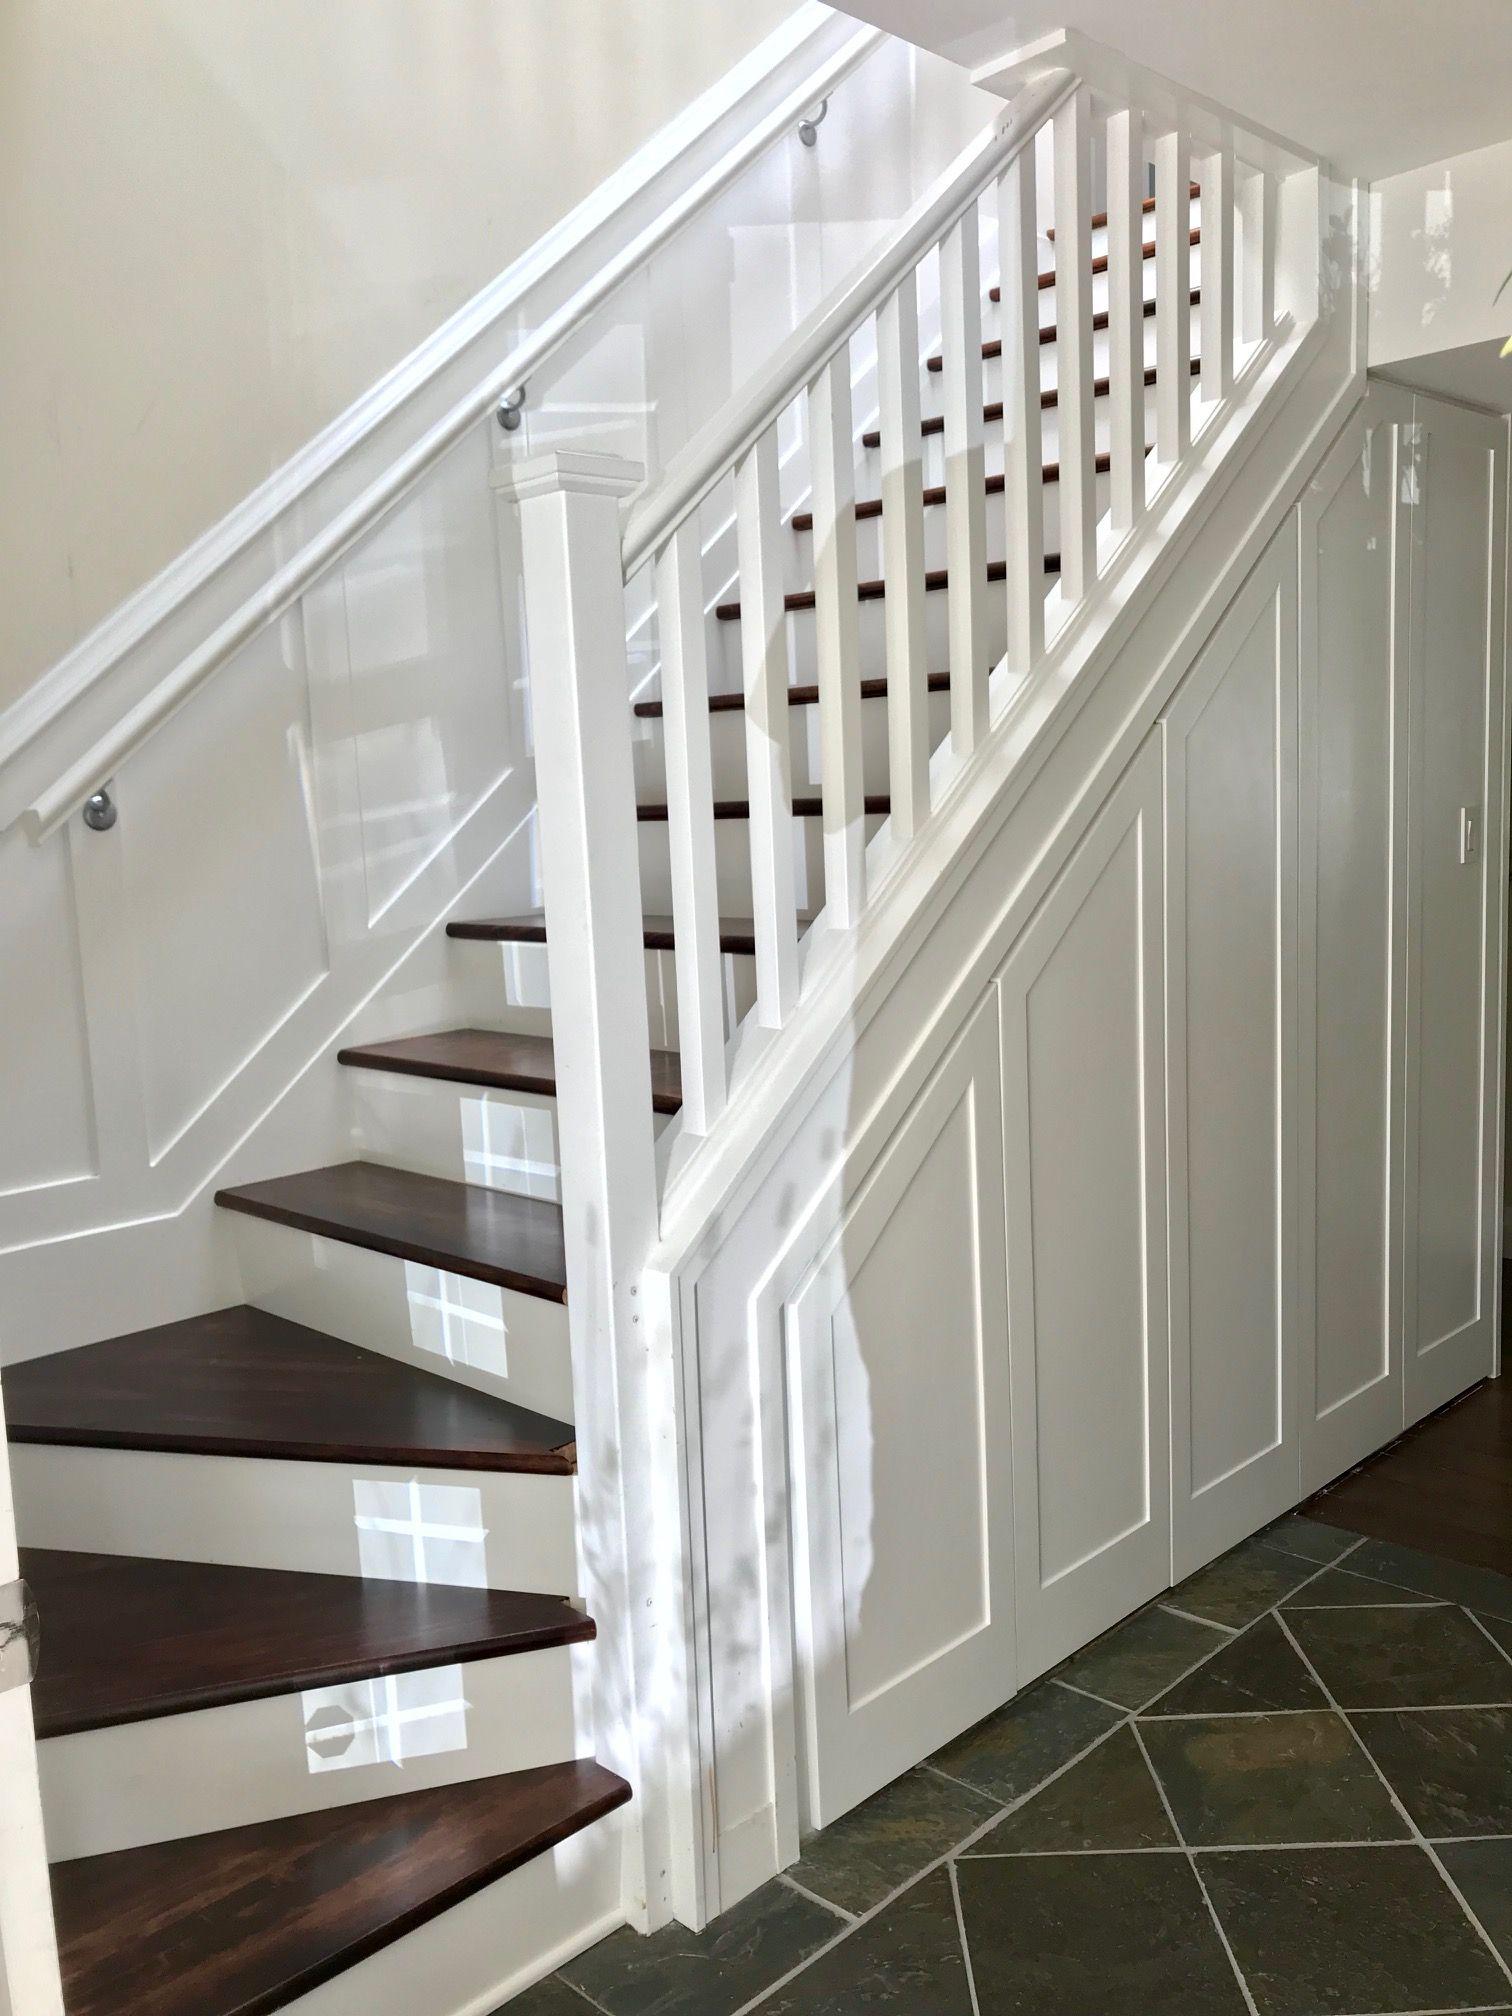 Stairs, Foyer, Storage, Wainscoting